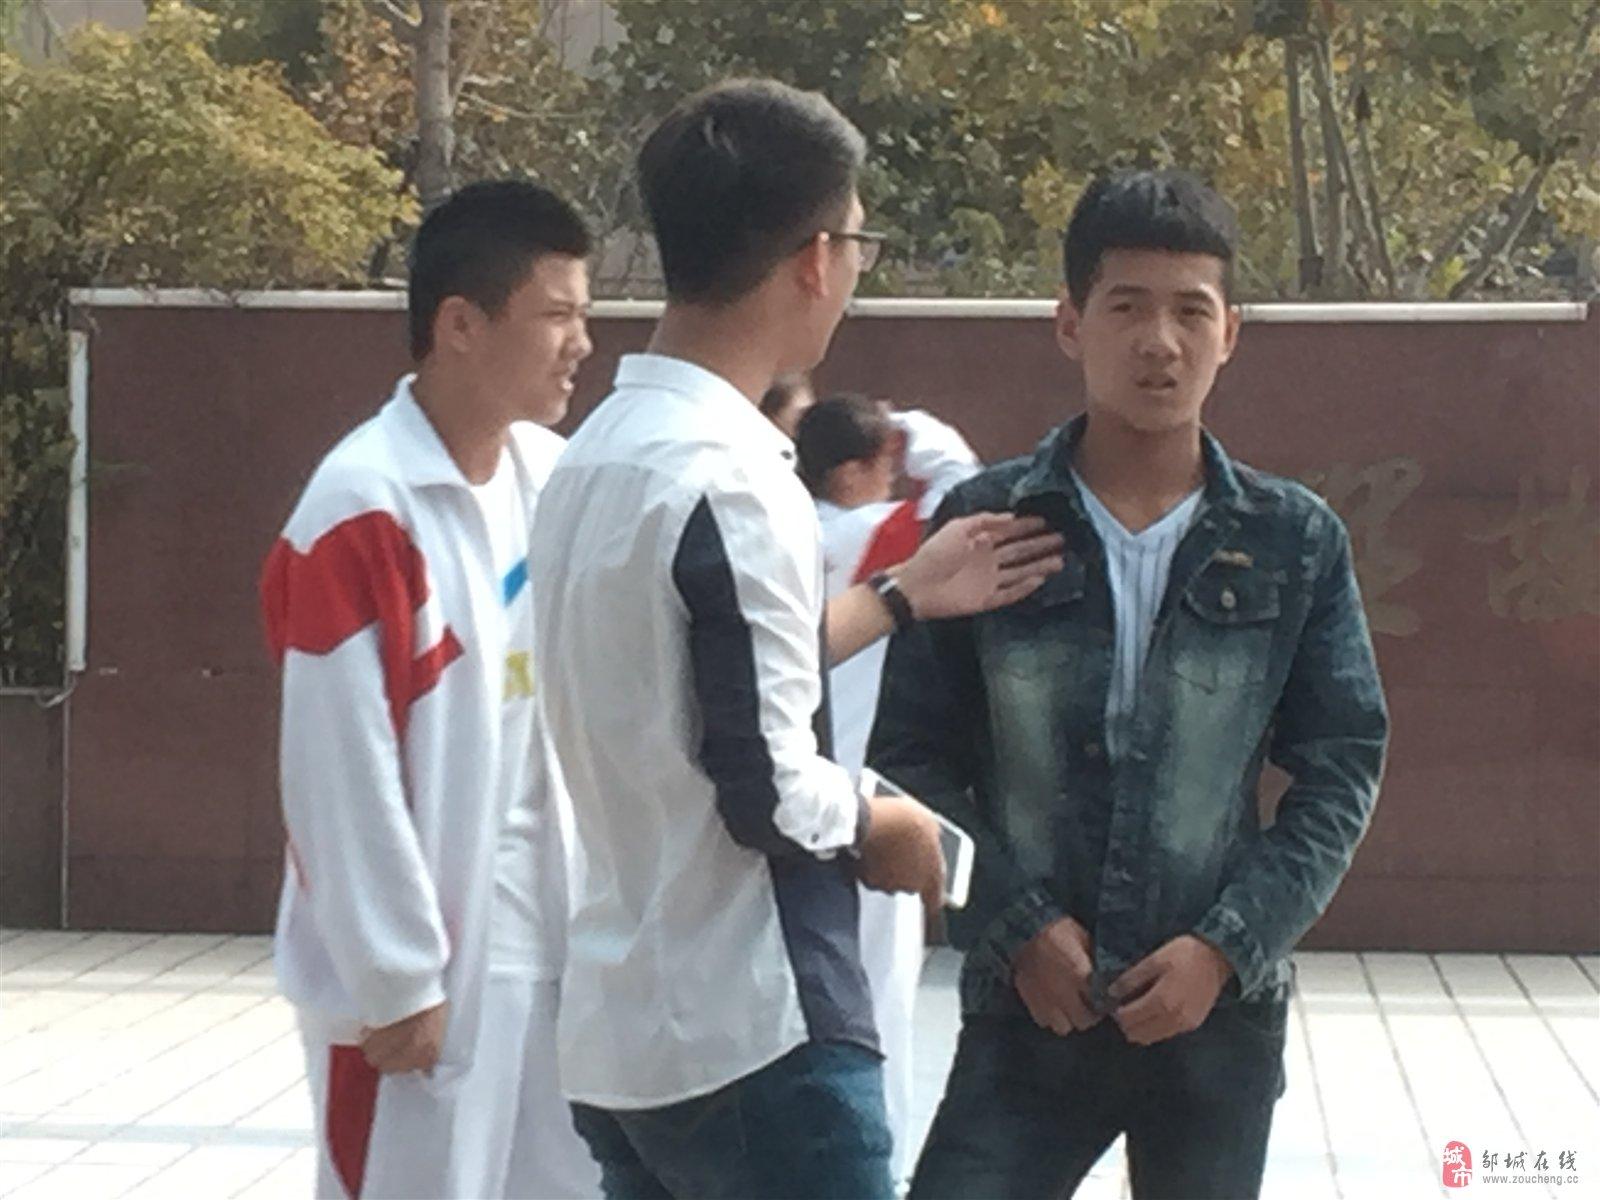 邹城四中门口的社会青年有人管吗?